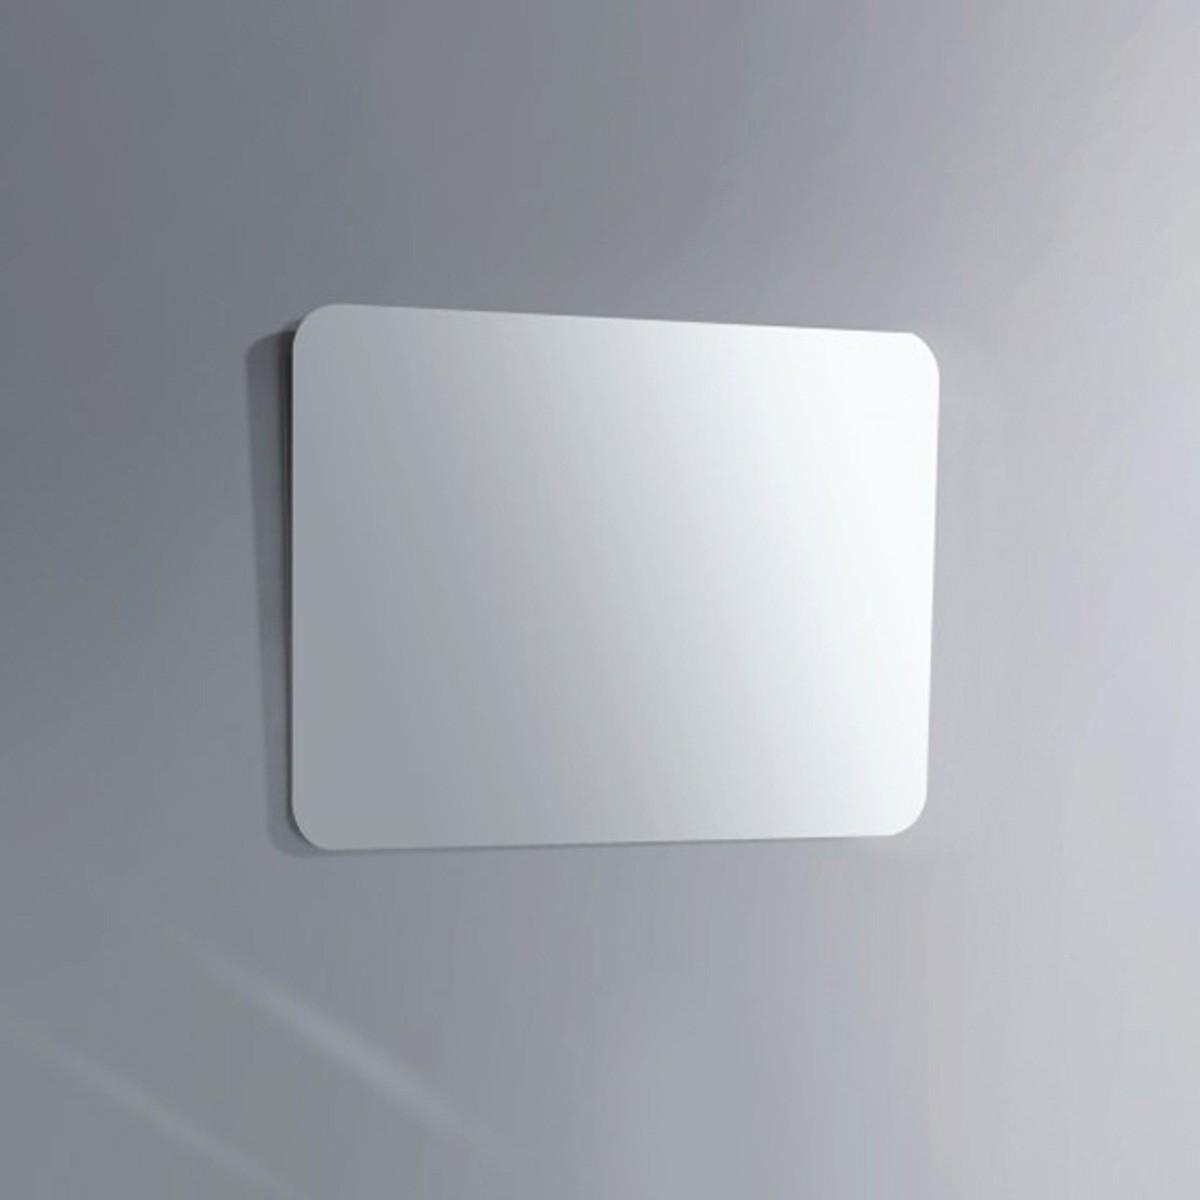 30 x 20 In. Bathroom Vanity Mirror (MY8001-M)